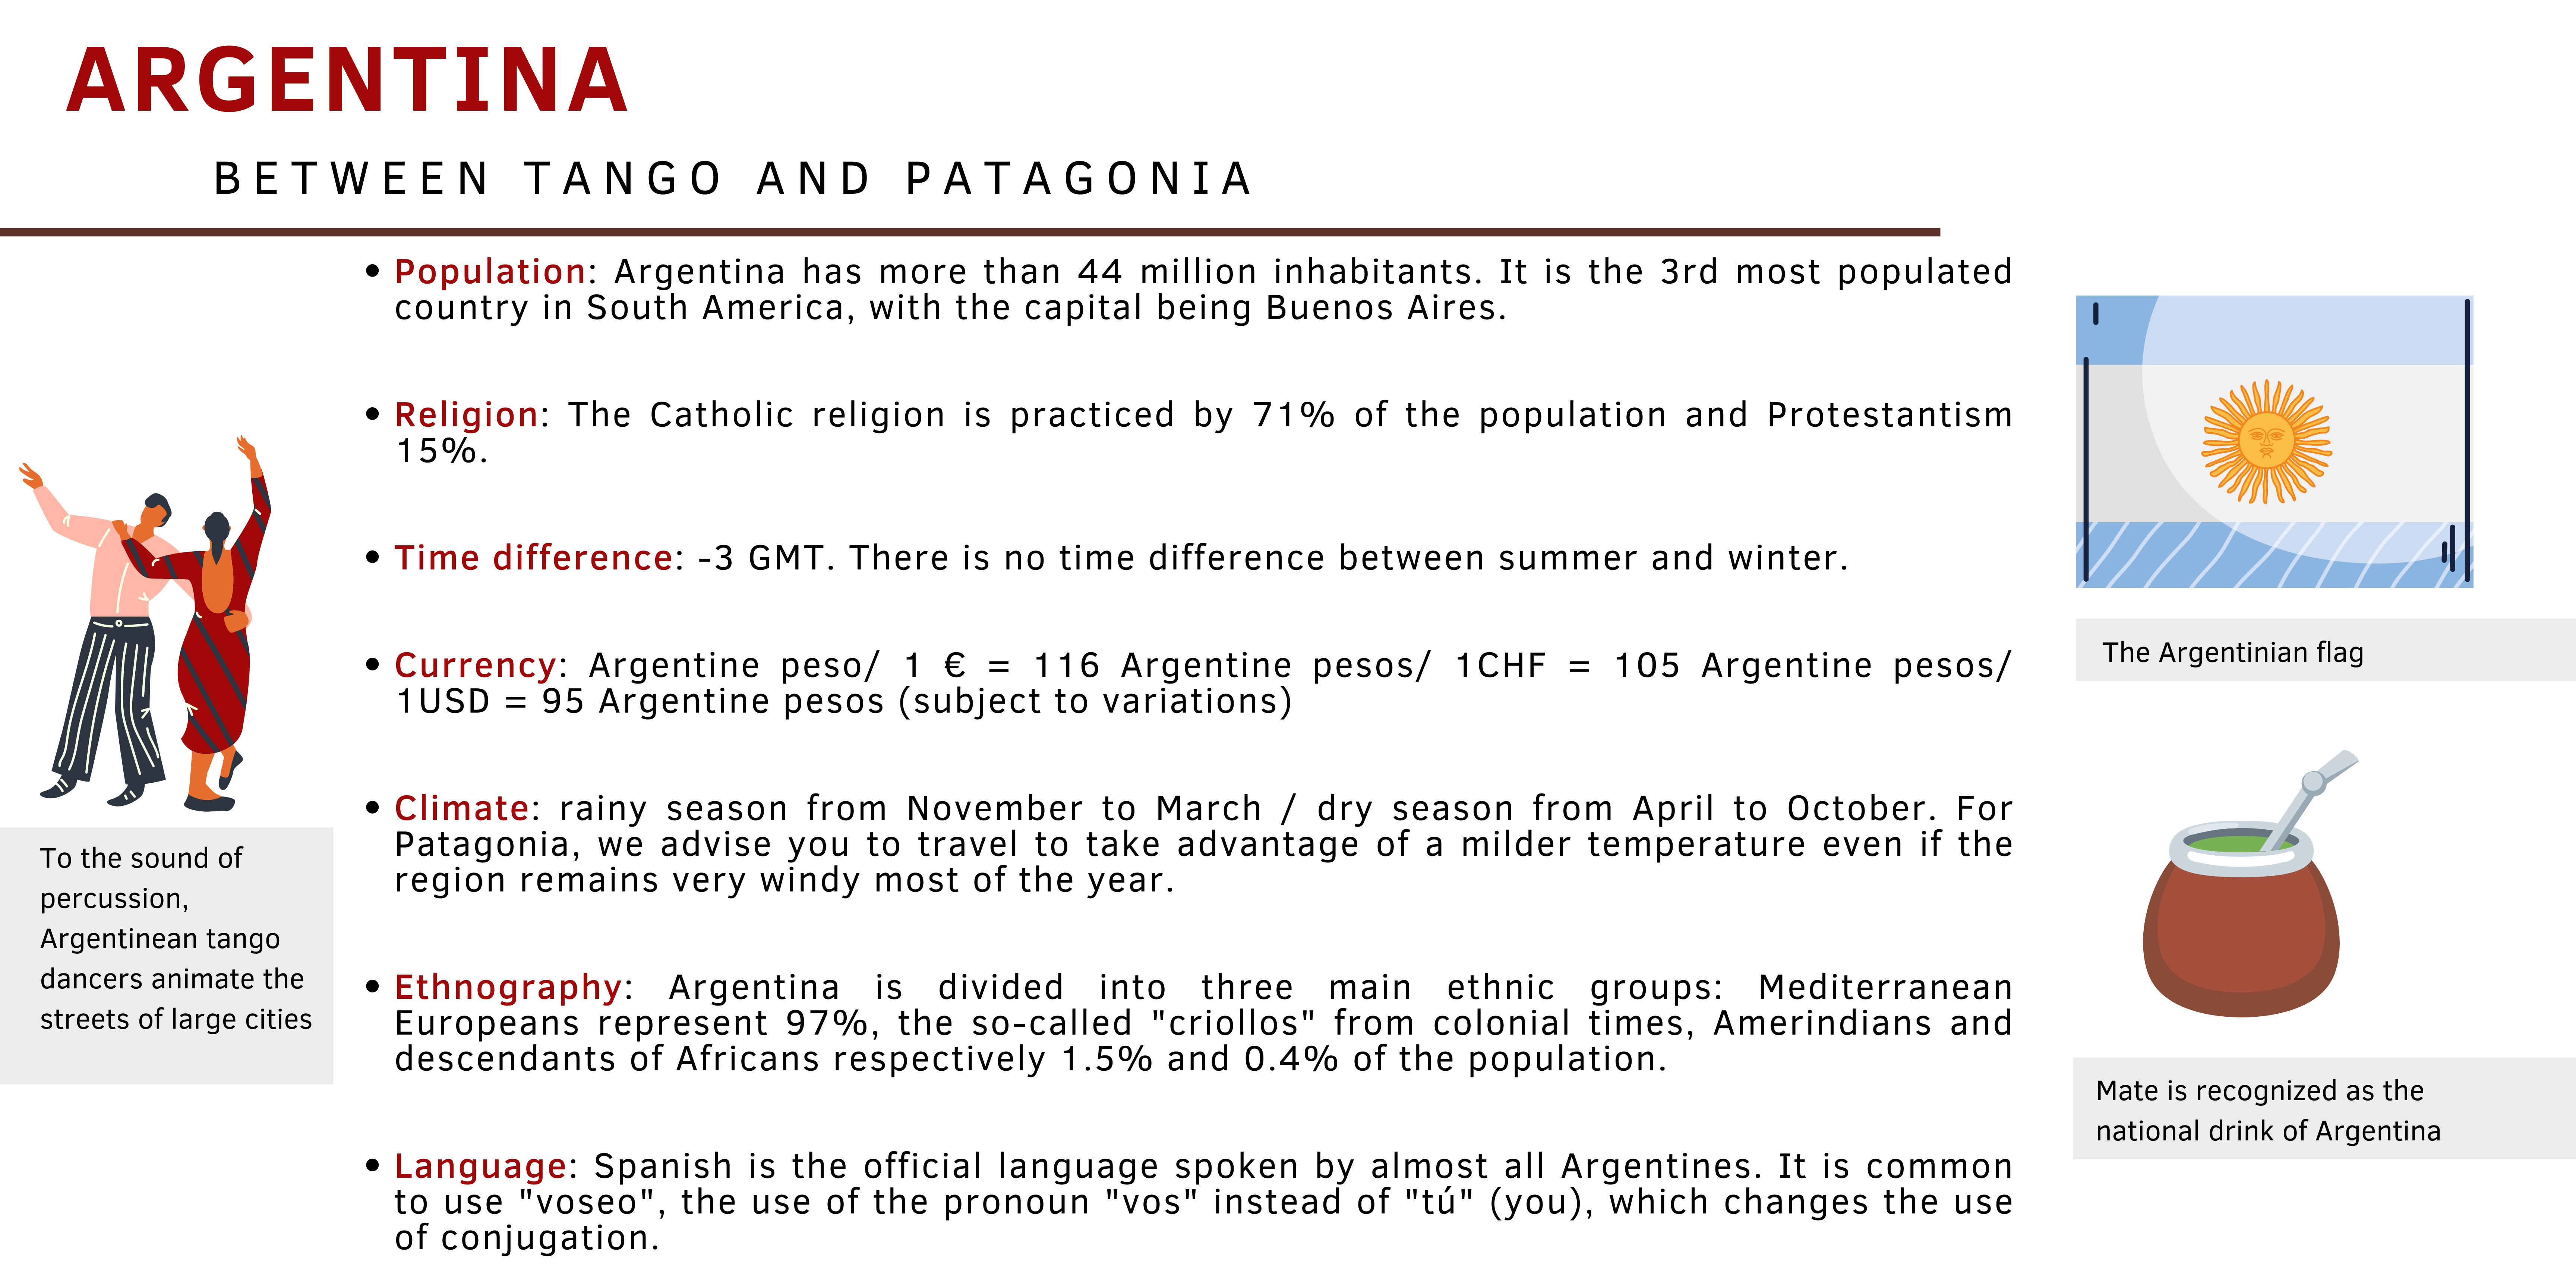 Pasion Andina - Argentina